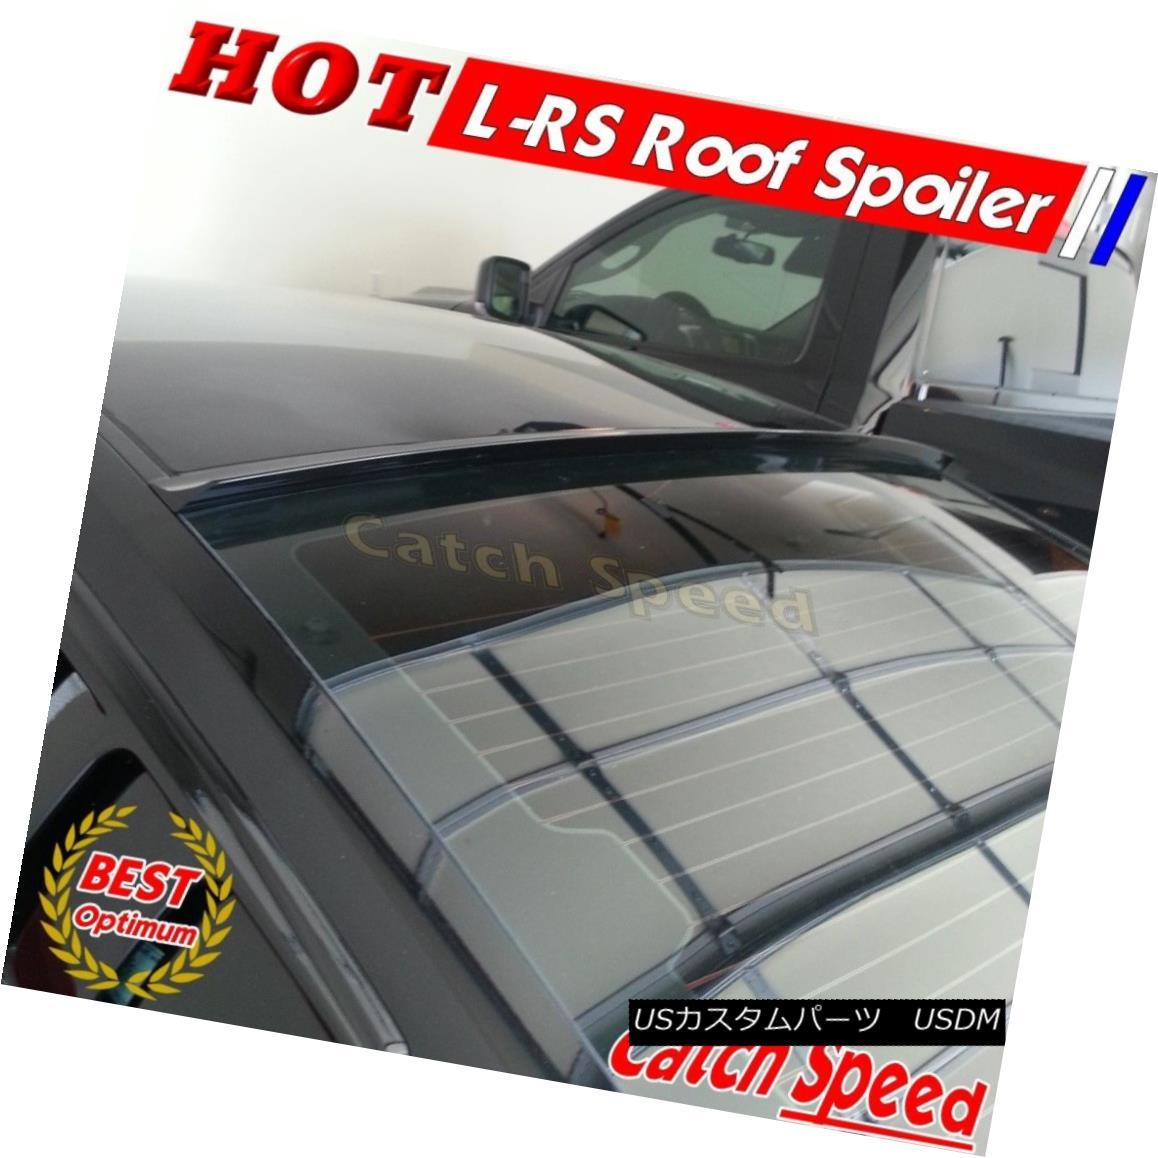 エアロパーツ Flat Black LRS Type Rear Roof Spoiler For KIA Forte LPI Hybrid Sedan 2009-2013? KIA Forte LPI Hybrid Sedan 2009-2013のフラットブラックLRSタイプリアルーフスポイラー?